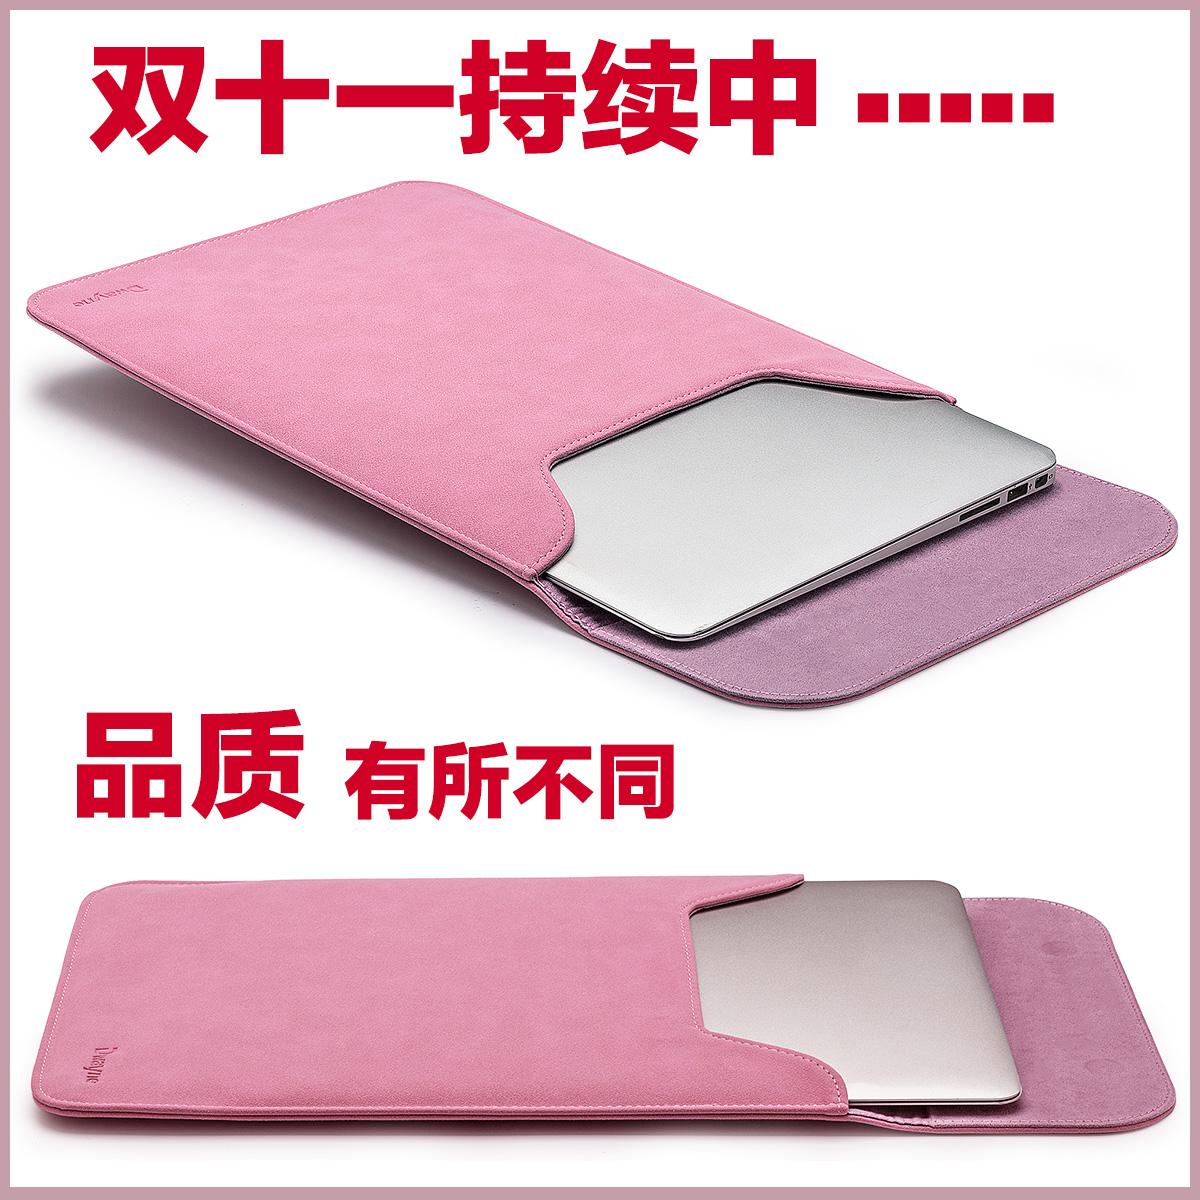 聯想小新Air13pro筆記本內膽包yoga710s 14寸電腦包13寸保護套皮